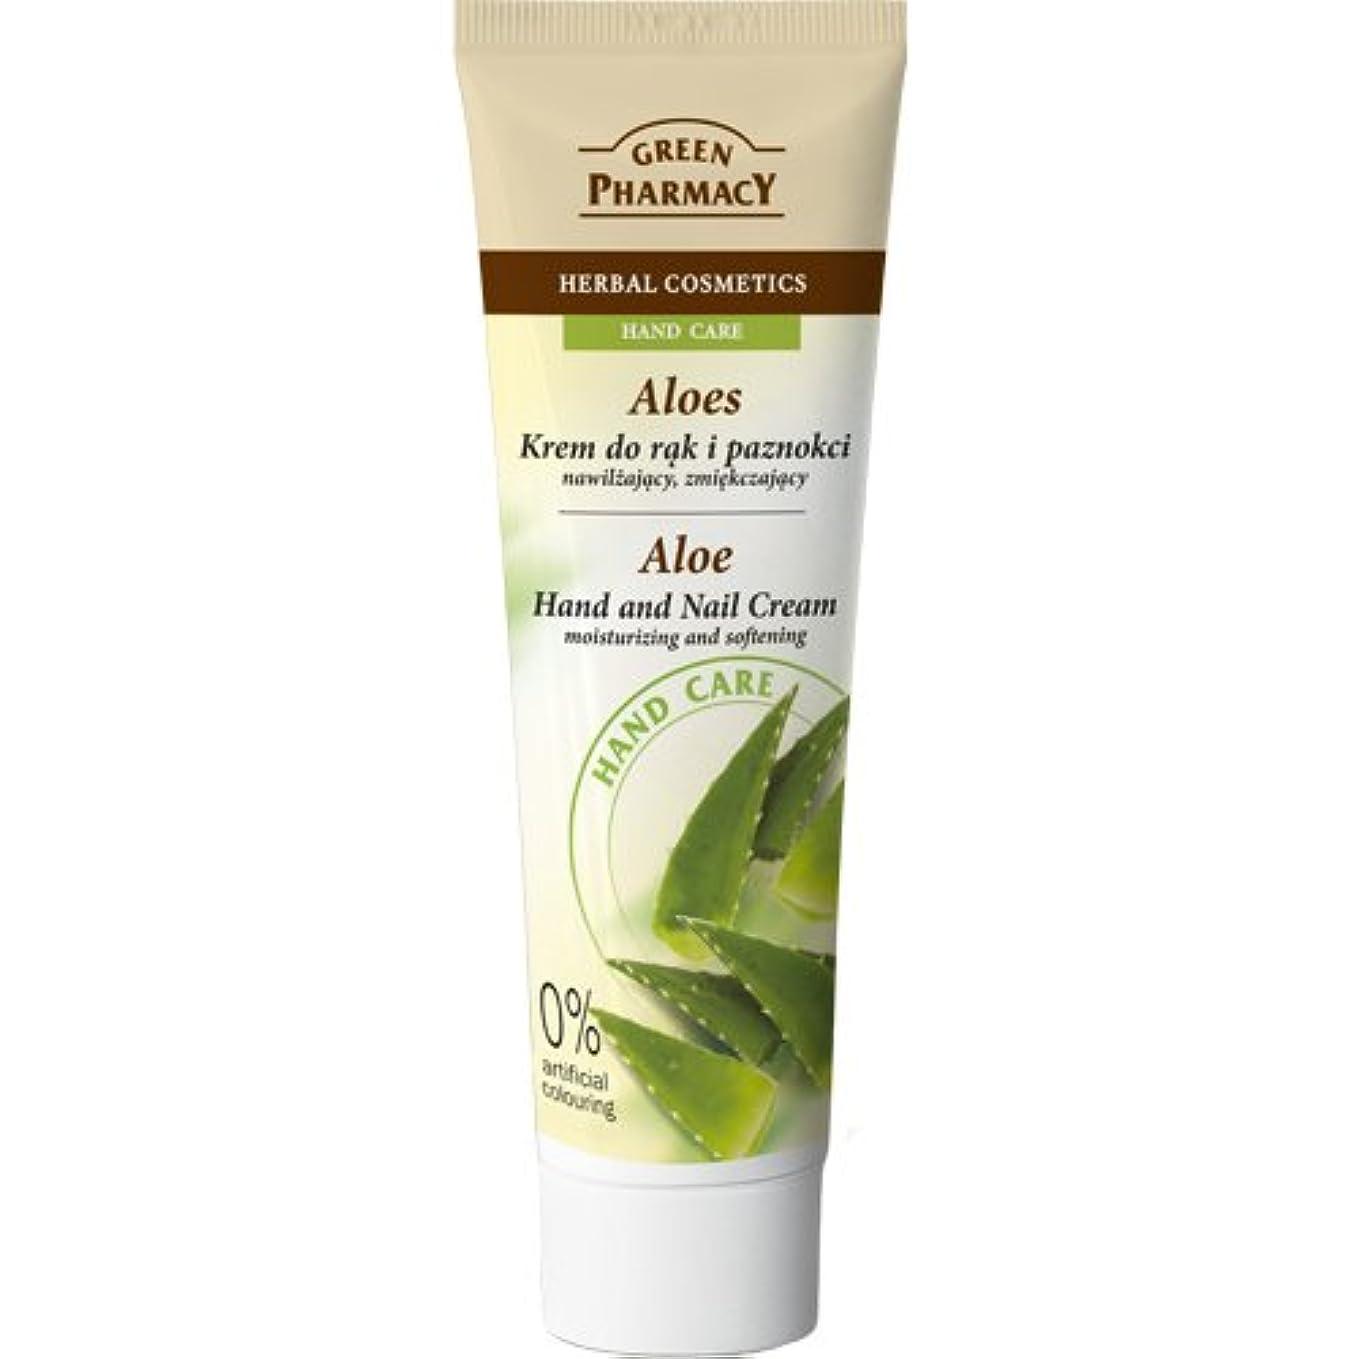 生きるロビー大声でElfa Pharm Green Pharmacy グリーンファーマシー Hand&Nail Cream ハンド&ネイルクリーム Aloe アロエ